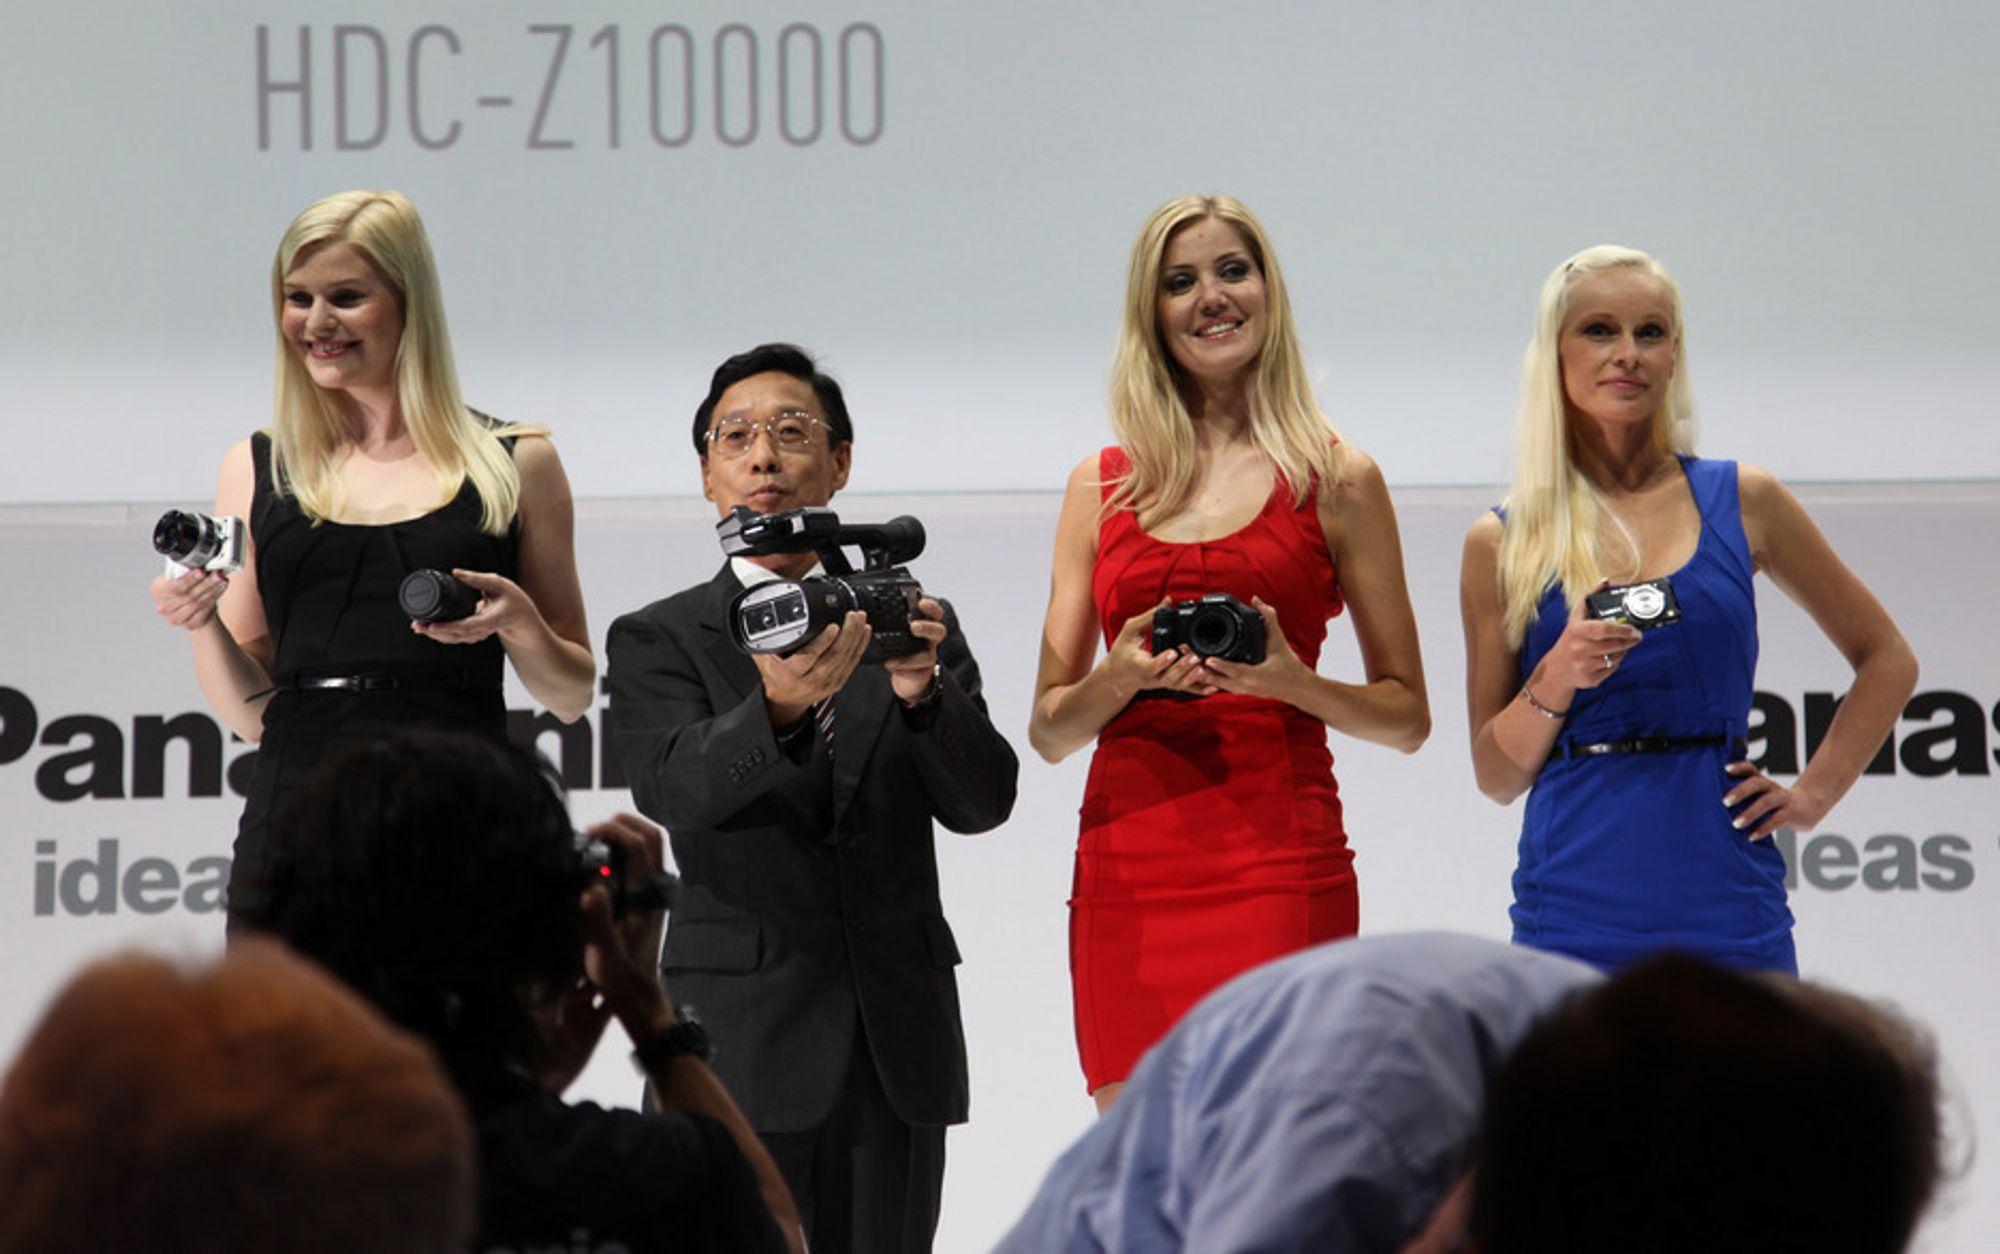 BLONDINER OG EN ASIAT: Panasonic lot disse damene kaste glans over dagens pressekonferanse.